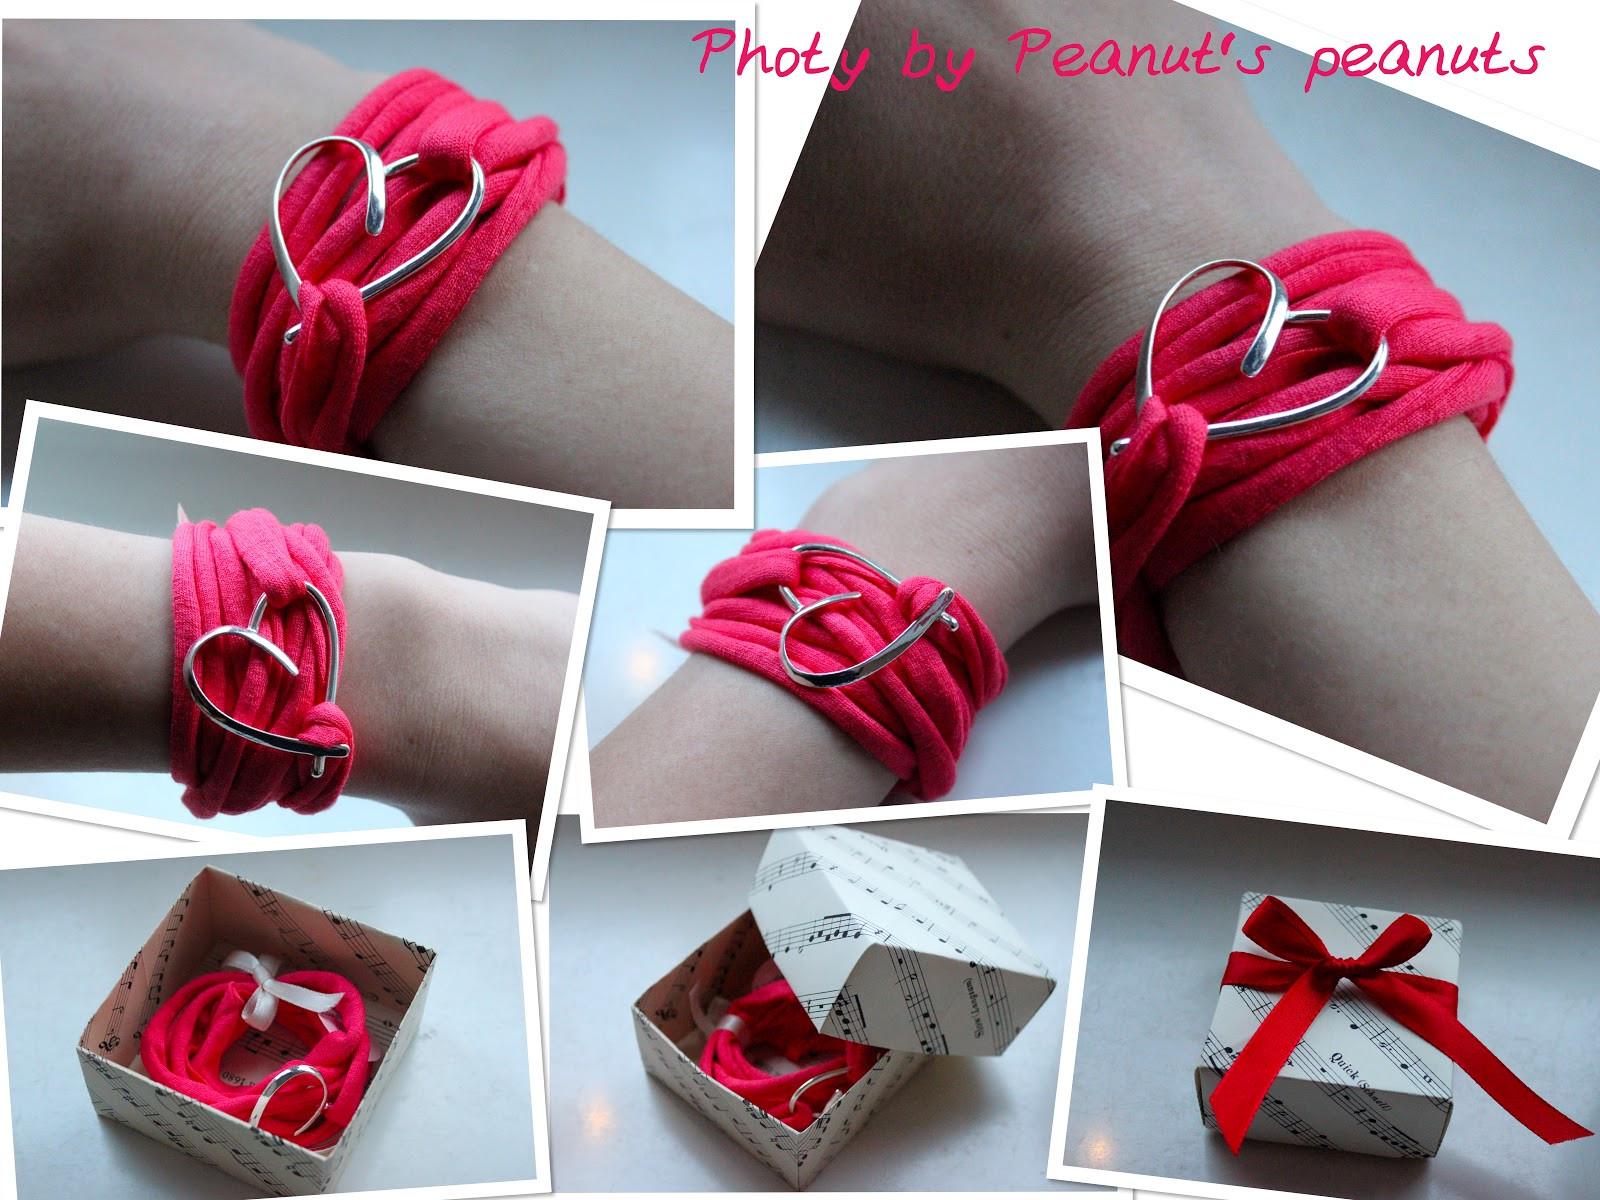 Gute Geburtstagsgeschenke Für Freundin  DIY Ein Geschenk für eine gute Freundin – Peanut s Peanuts